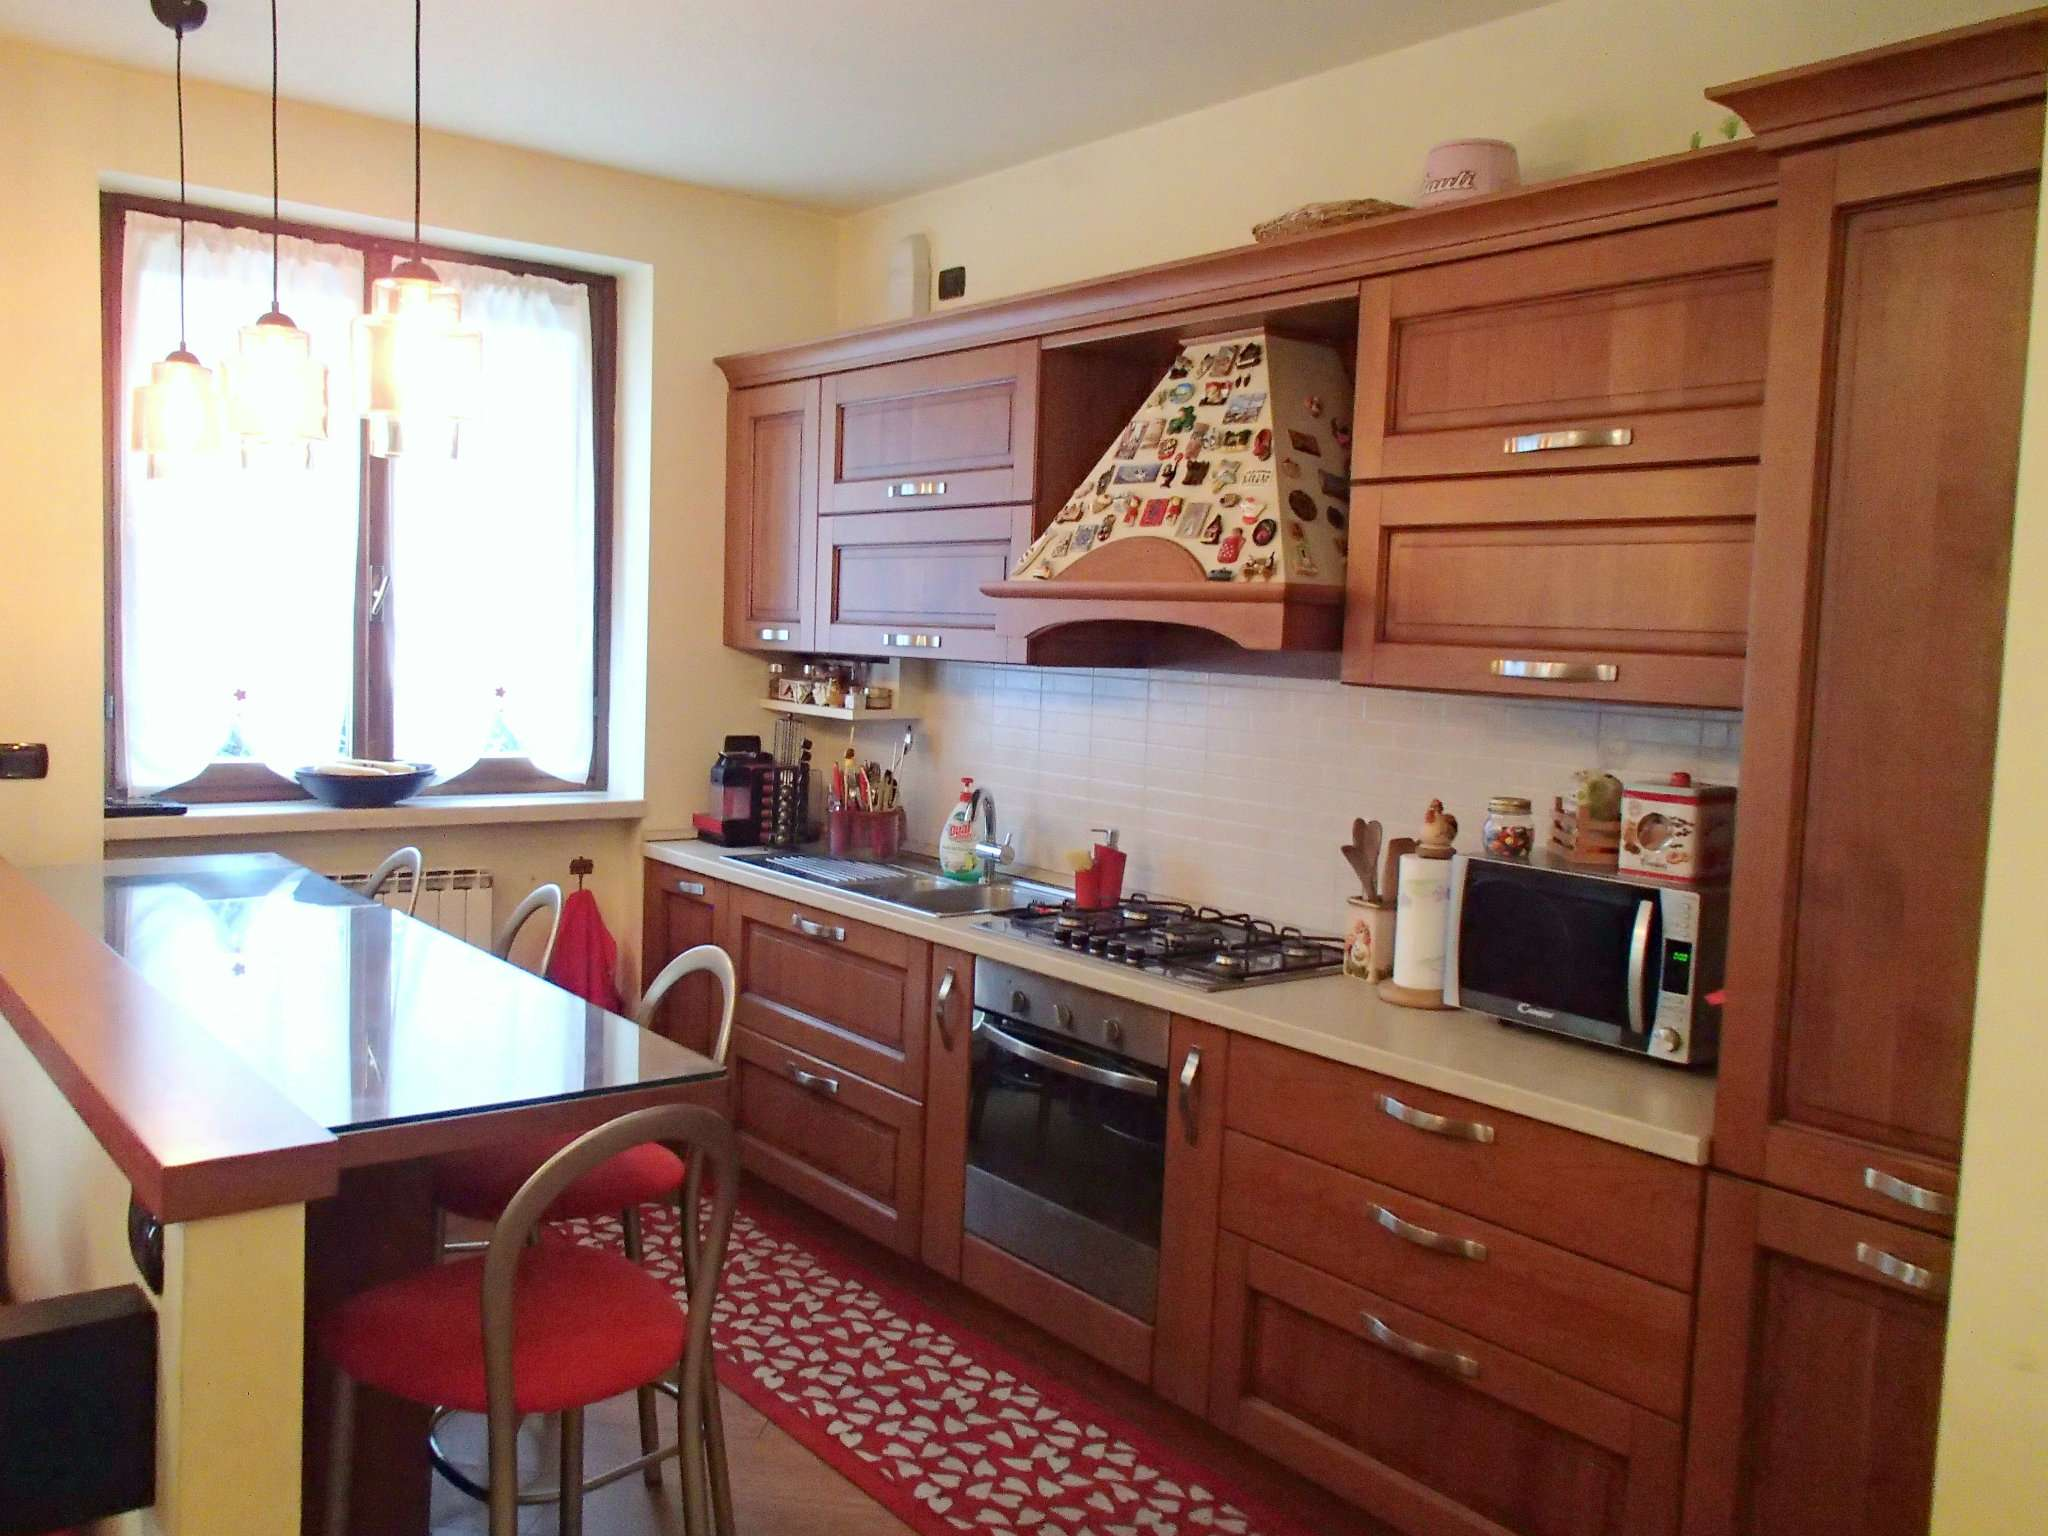 Appartamento in vendita a Landriano, 3 locali, prezzo € 160.000 | CambioCasa.it